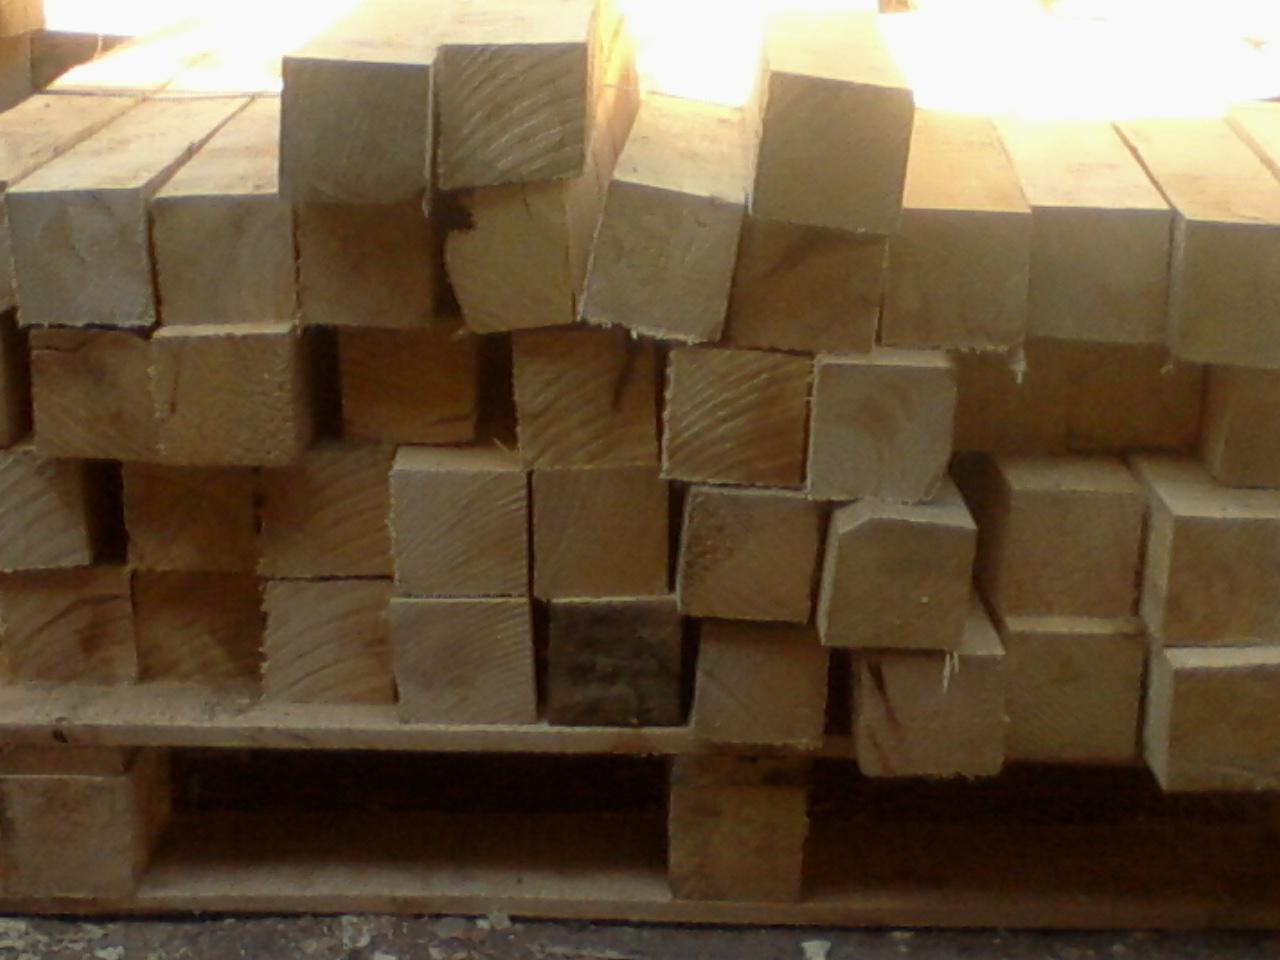 Maderas y estibas cartagena listones 4 x 4 - Listones de madera baratos ...